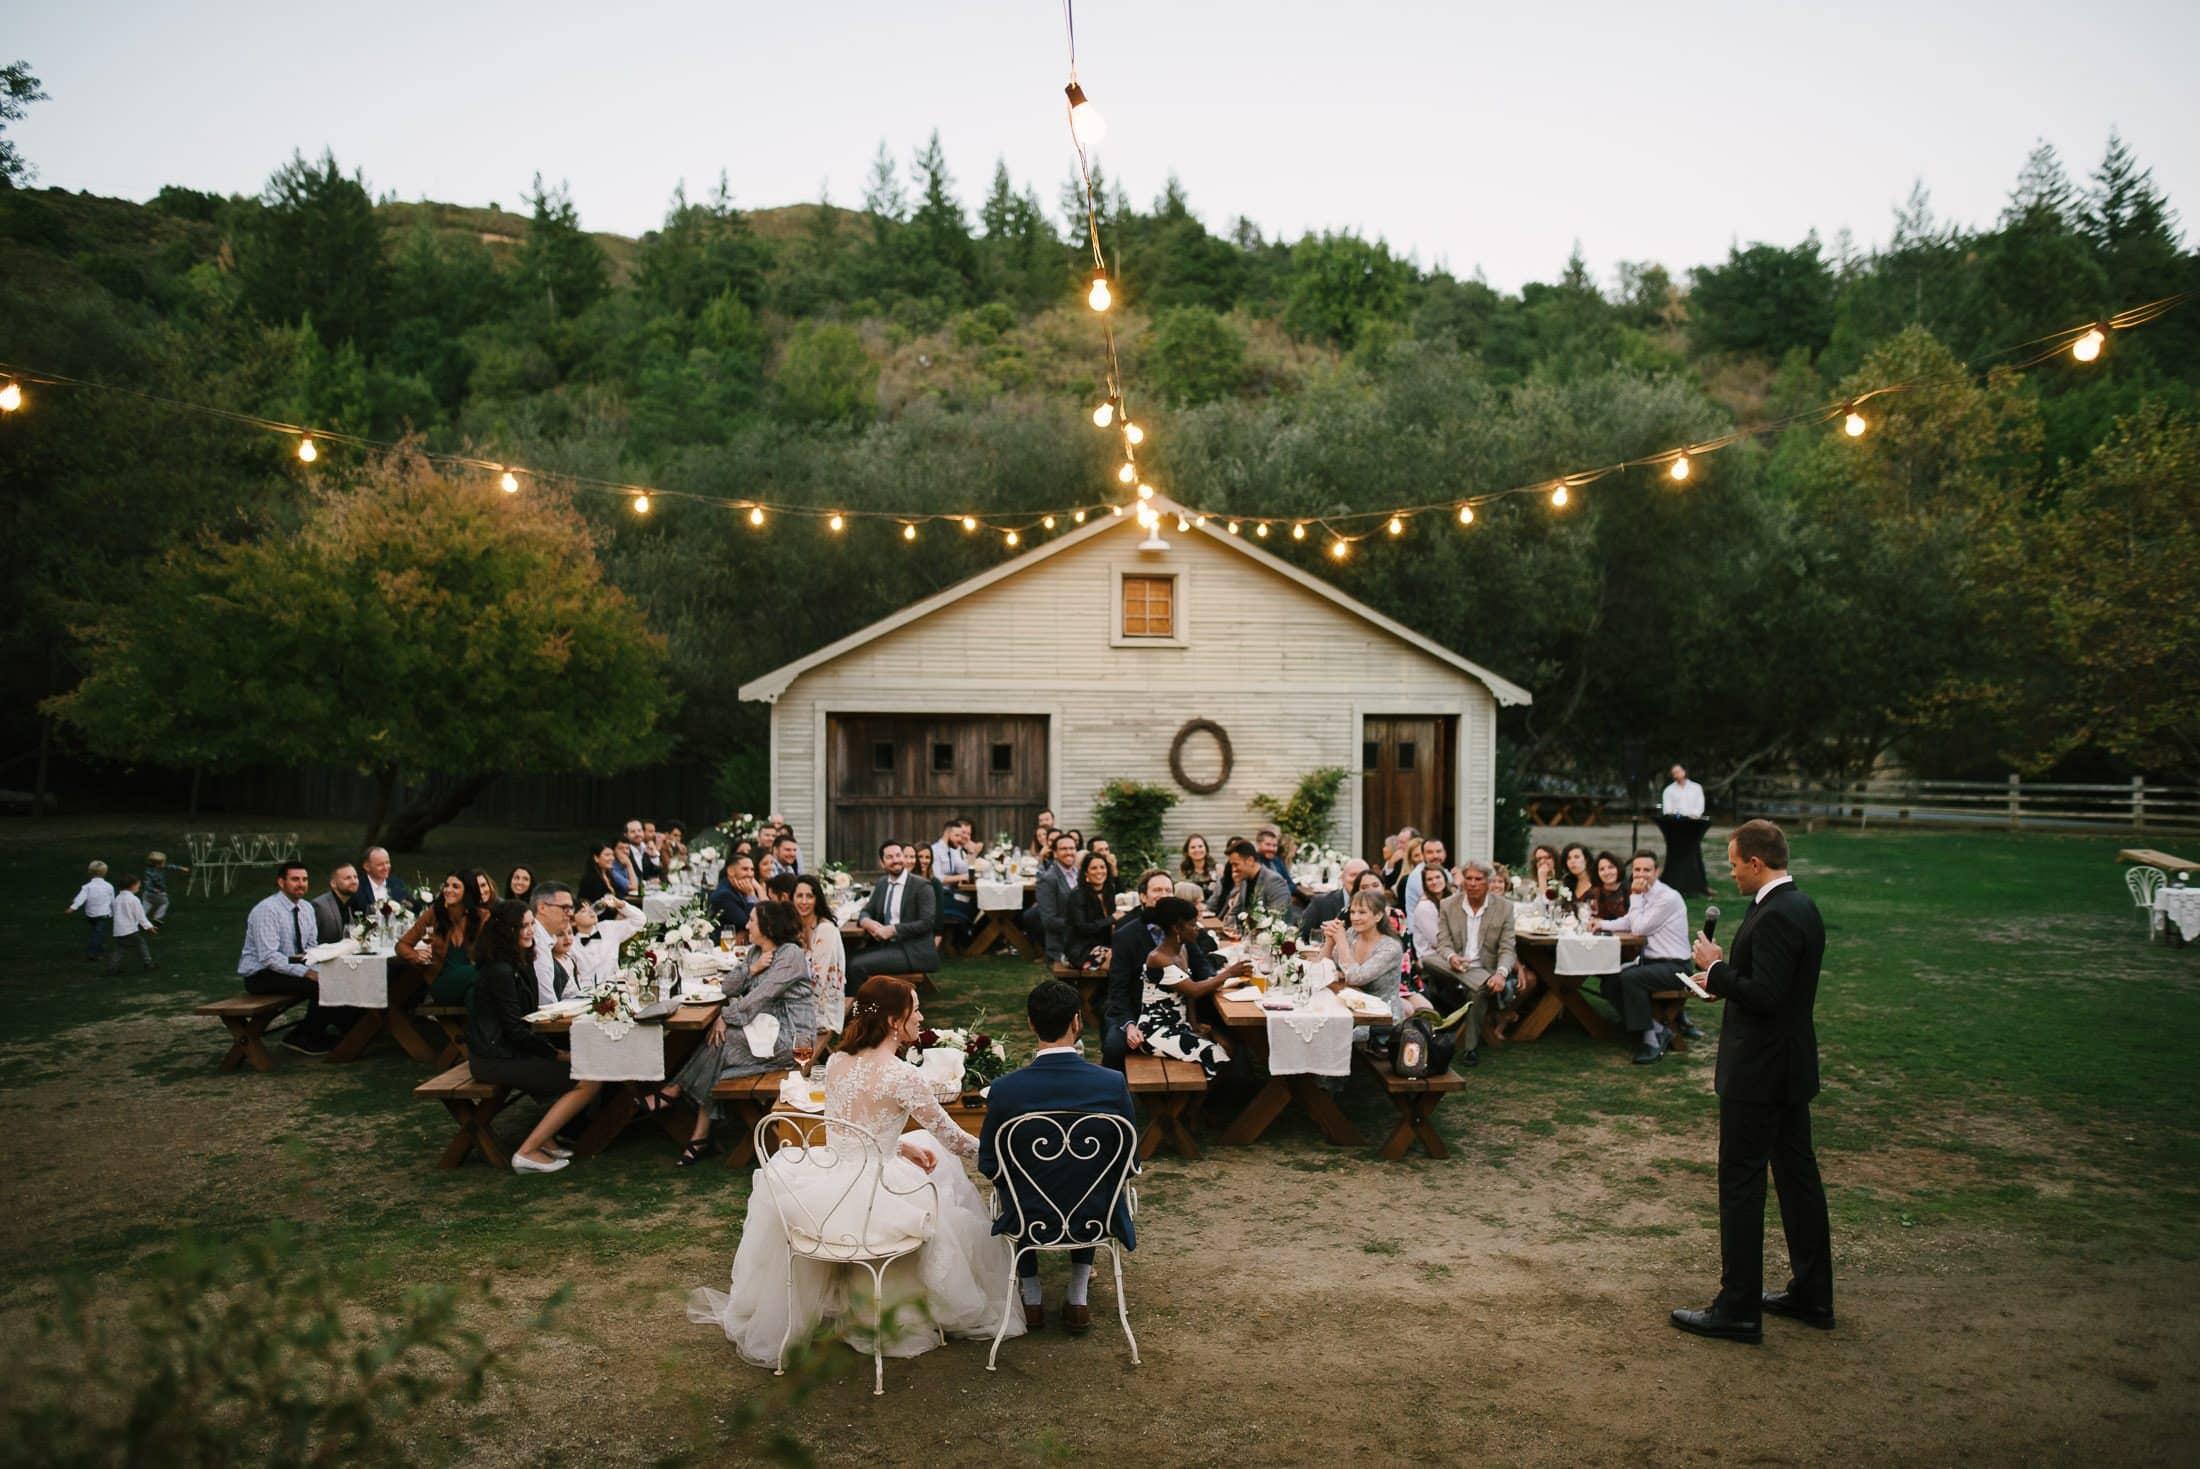 Radonich Ranch Wedding Reception